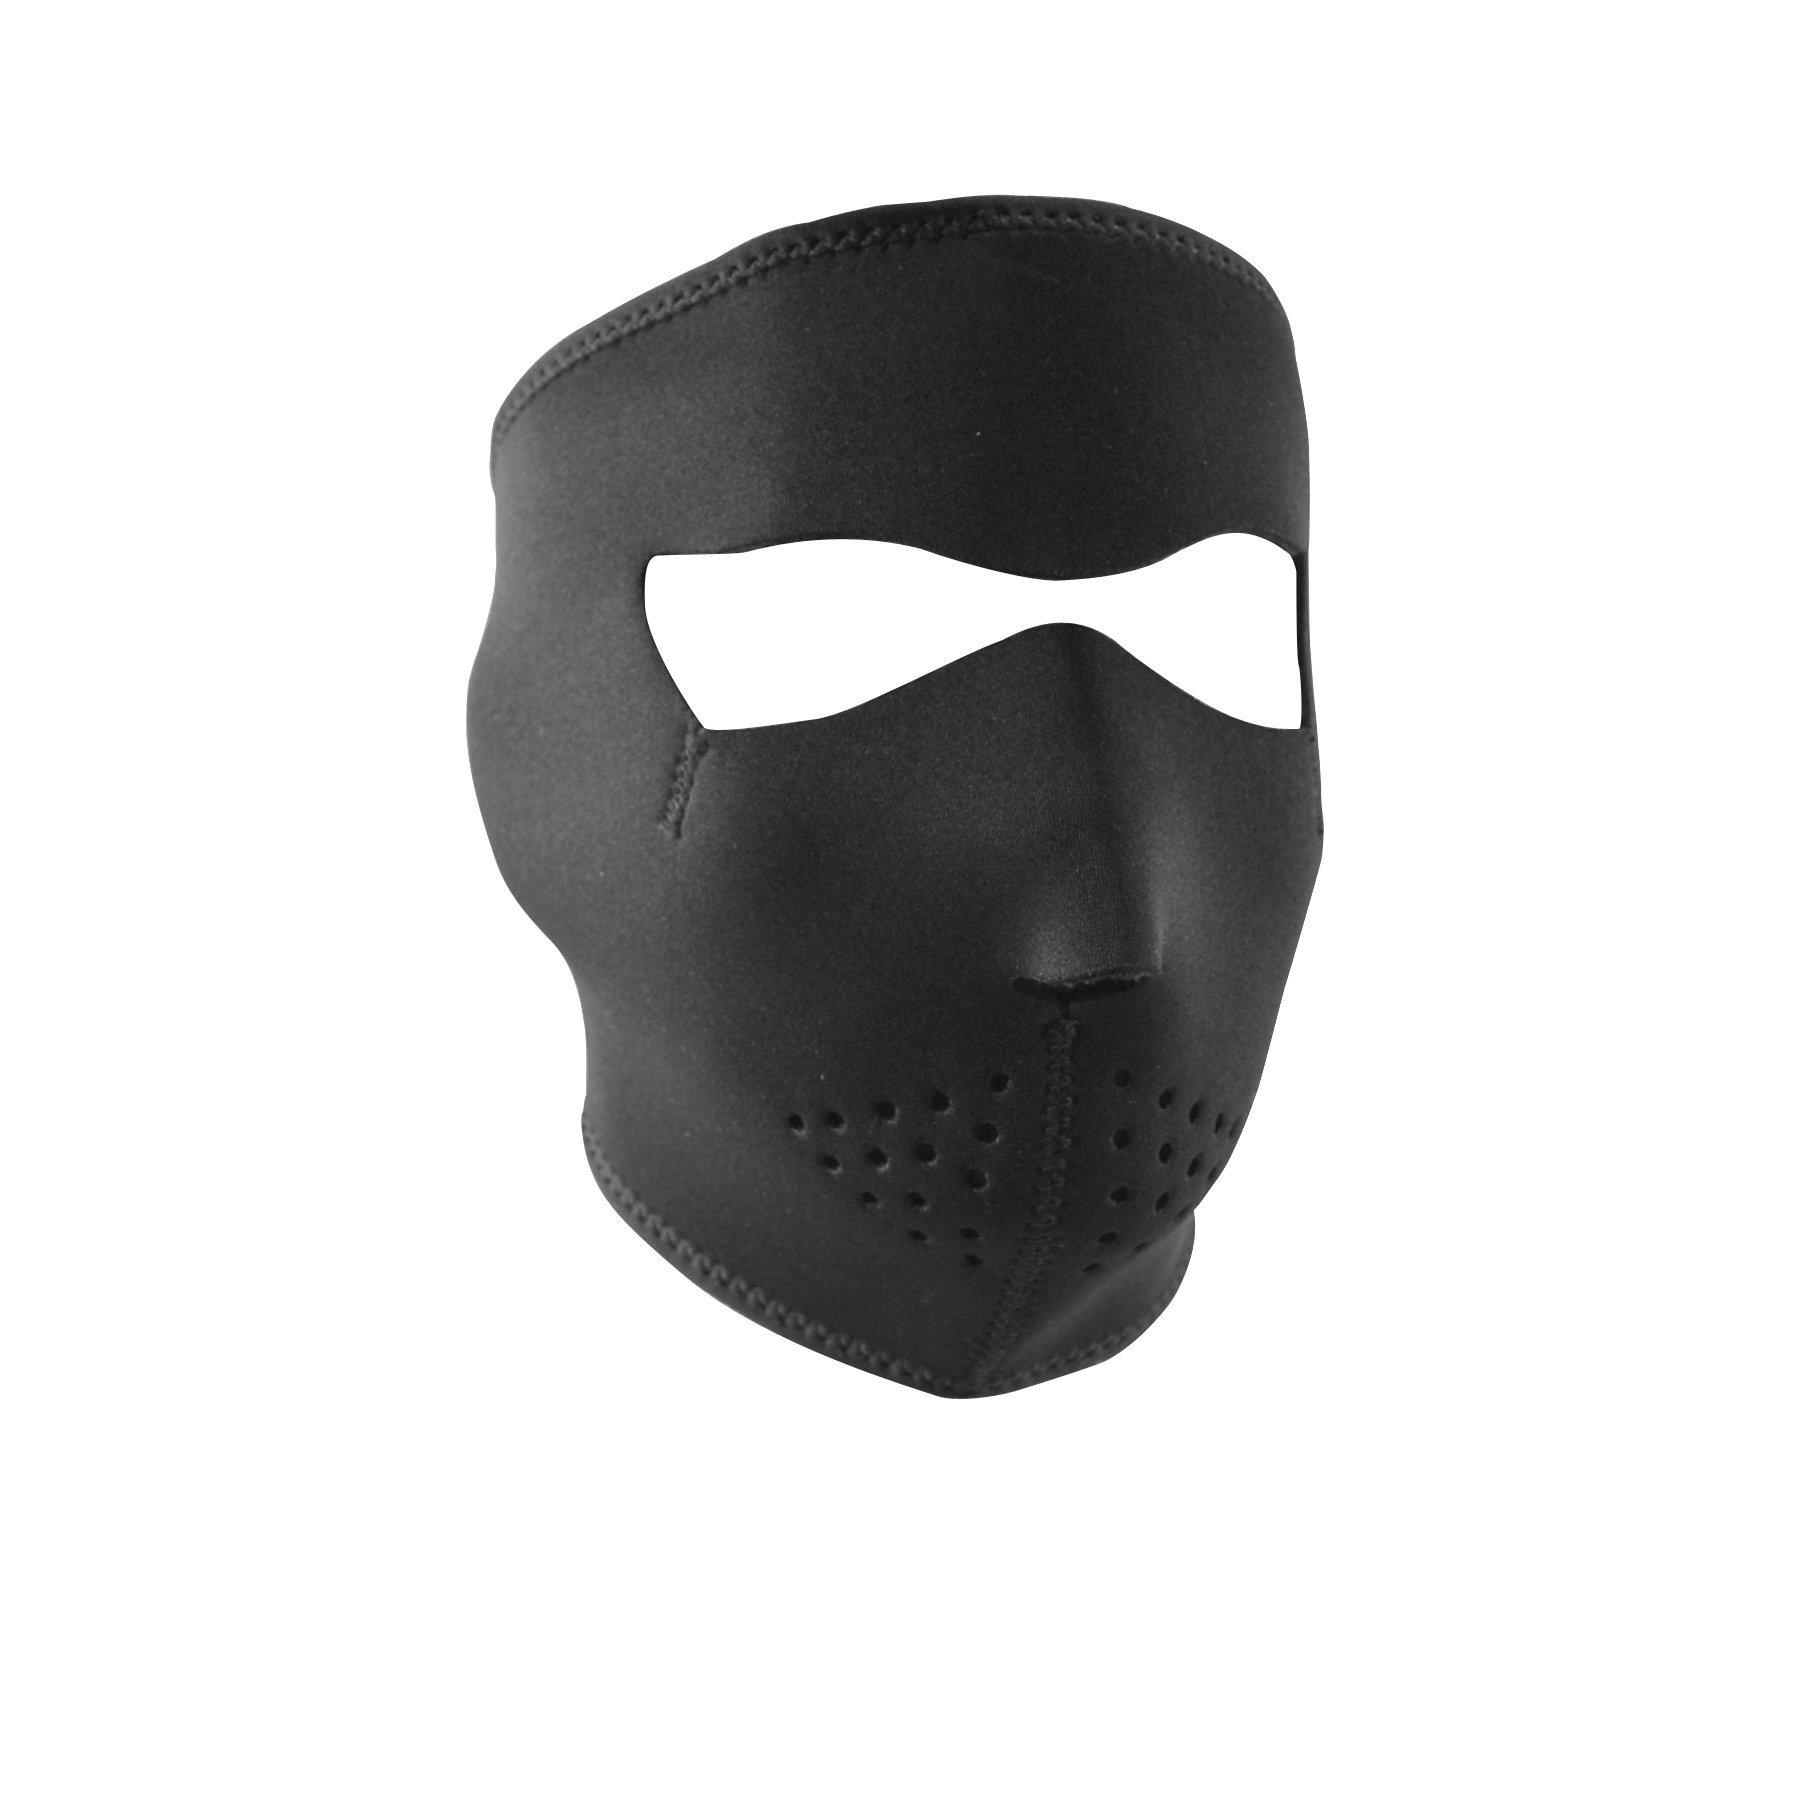 Zanheadgear Neoprene Full Face Mask, Small, Black